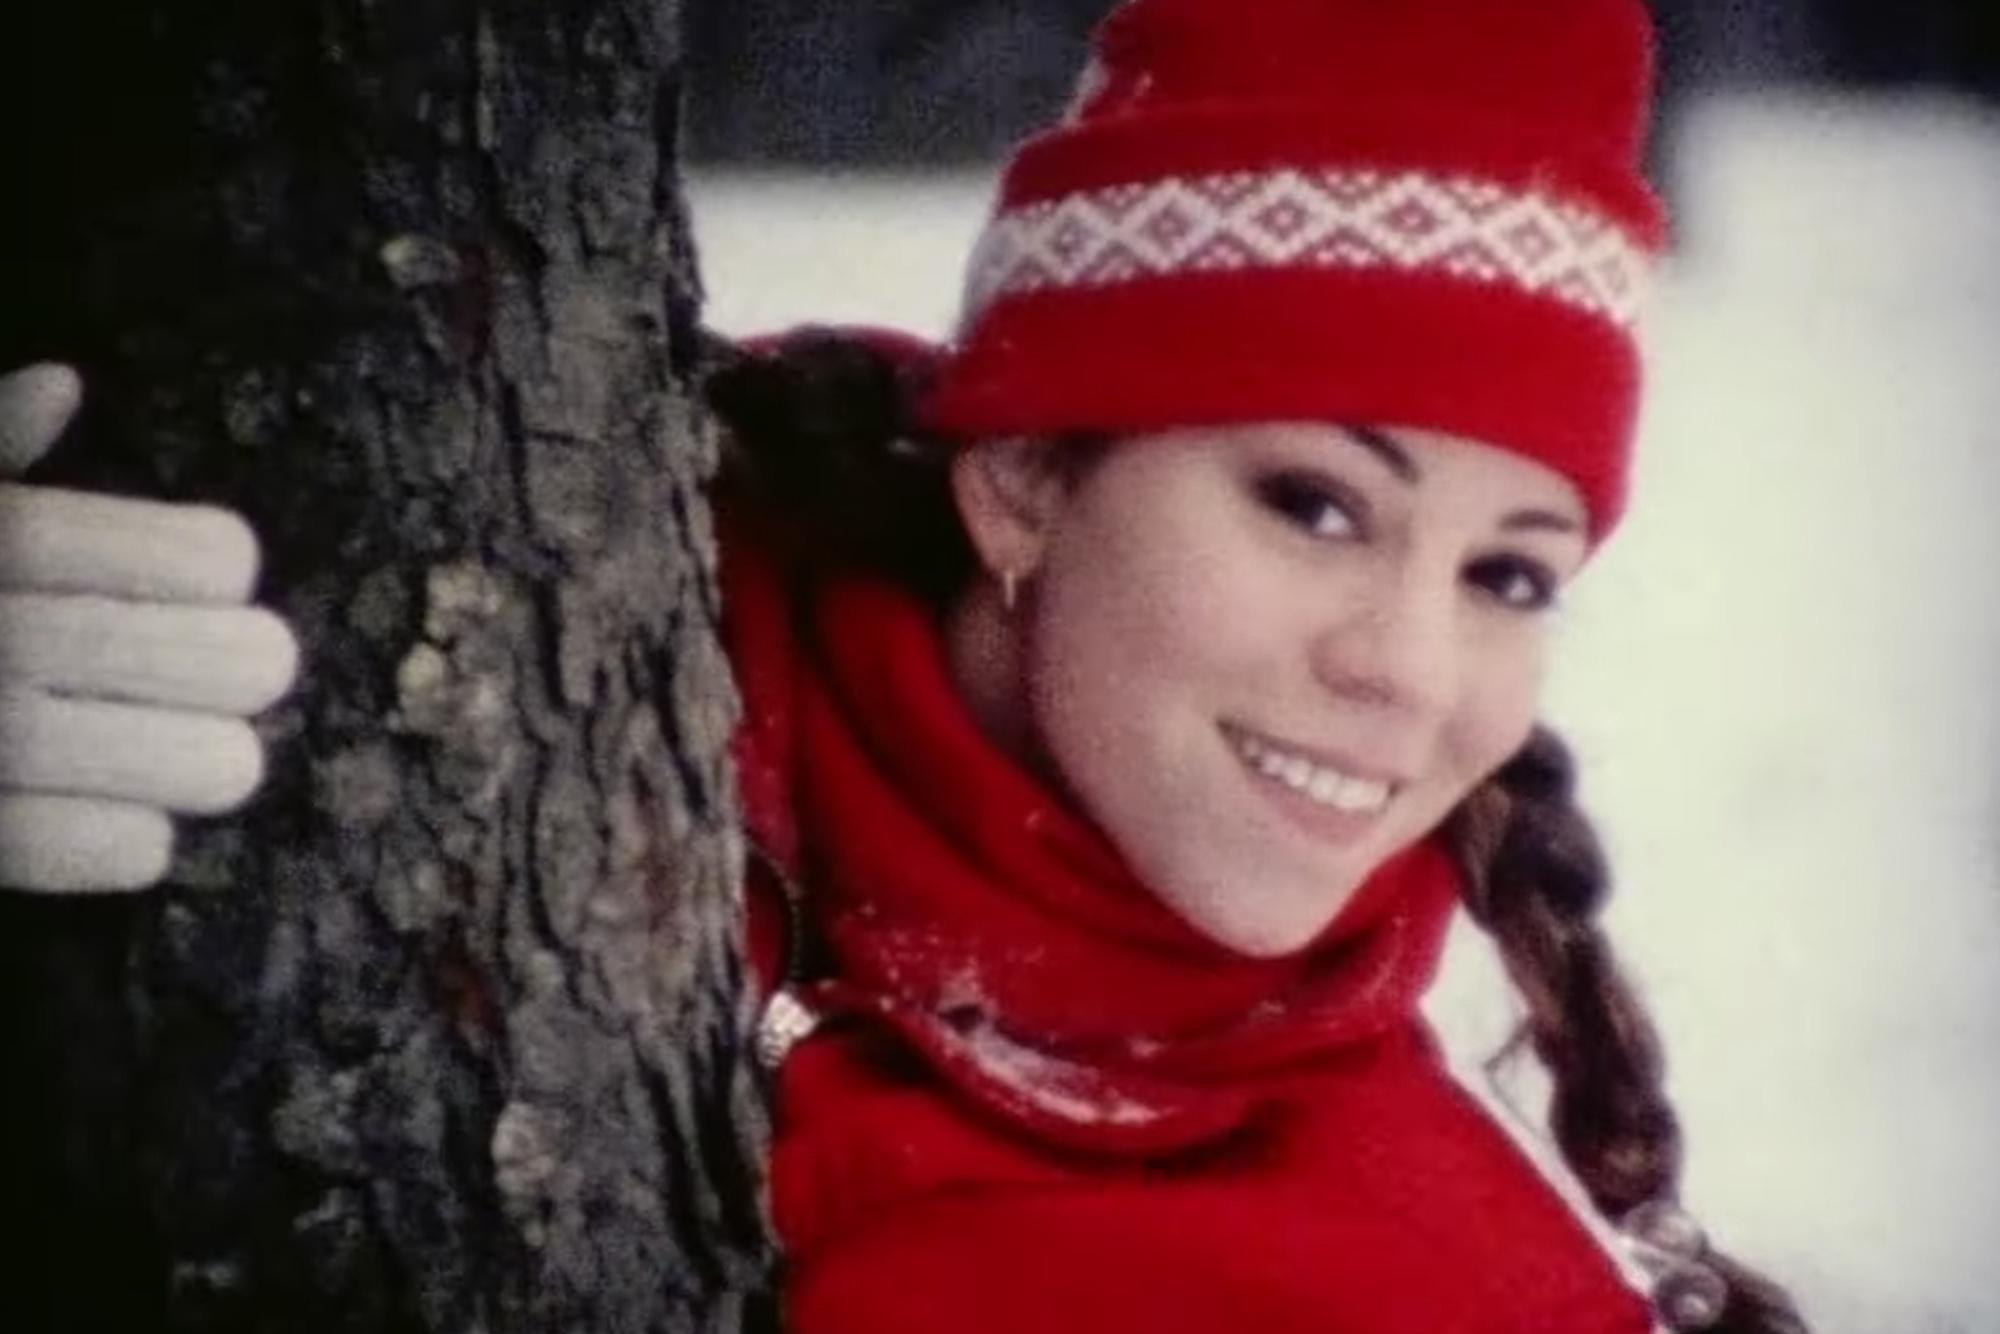 Znalezione obrazy dla zapytania mariah carey all i want for christmas